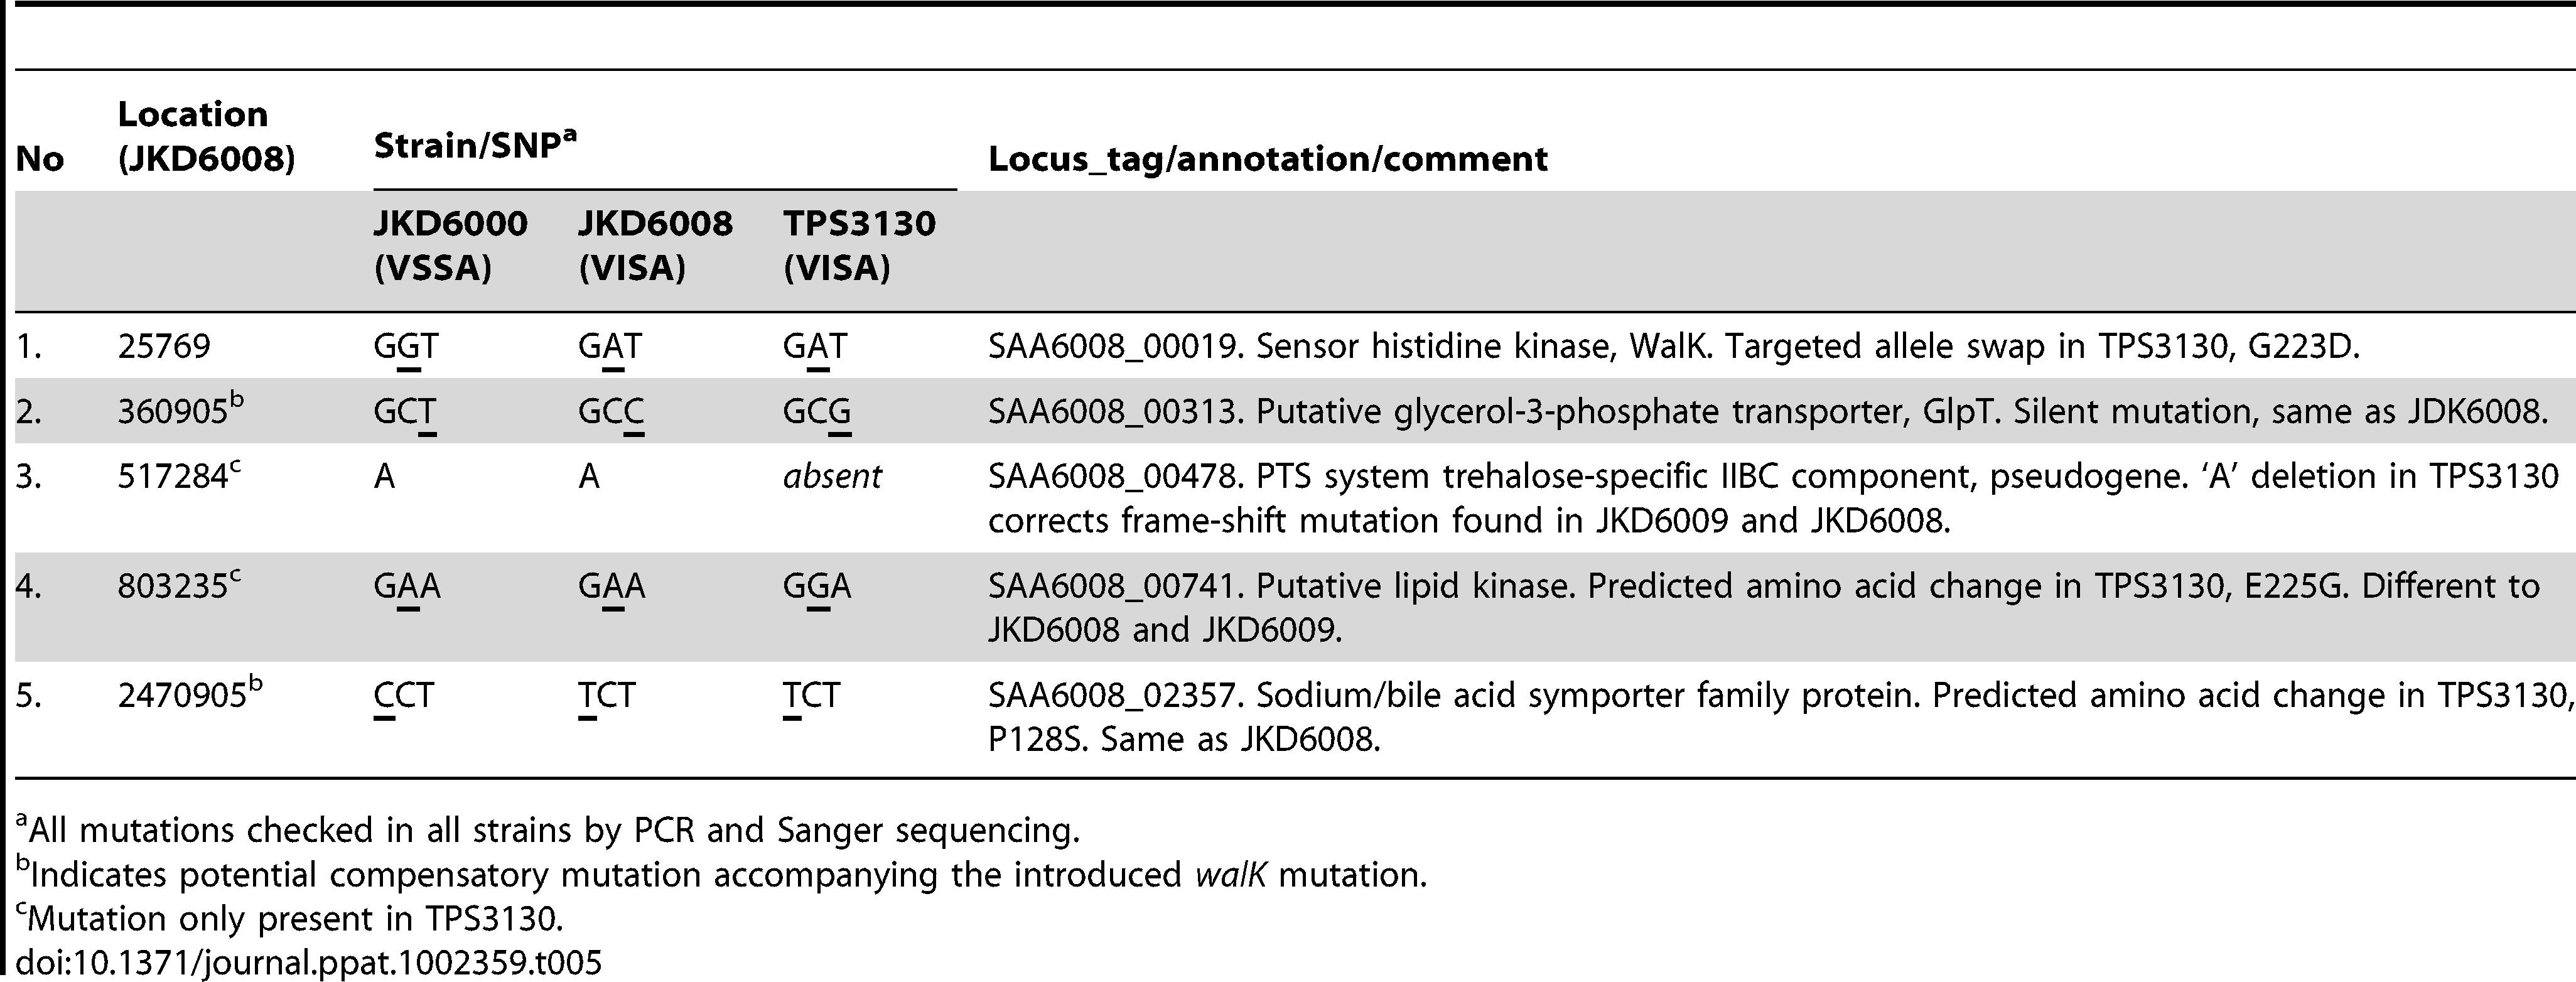 Summary of genomic differences between <i>S. aureus</i> TPS3130 versus JKD6009 and JKD6008.